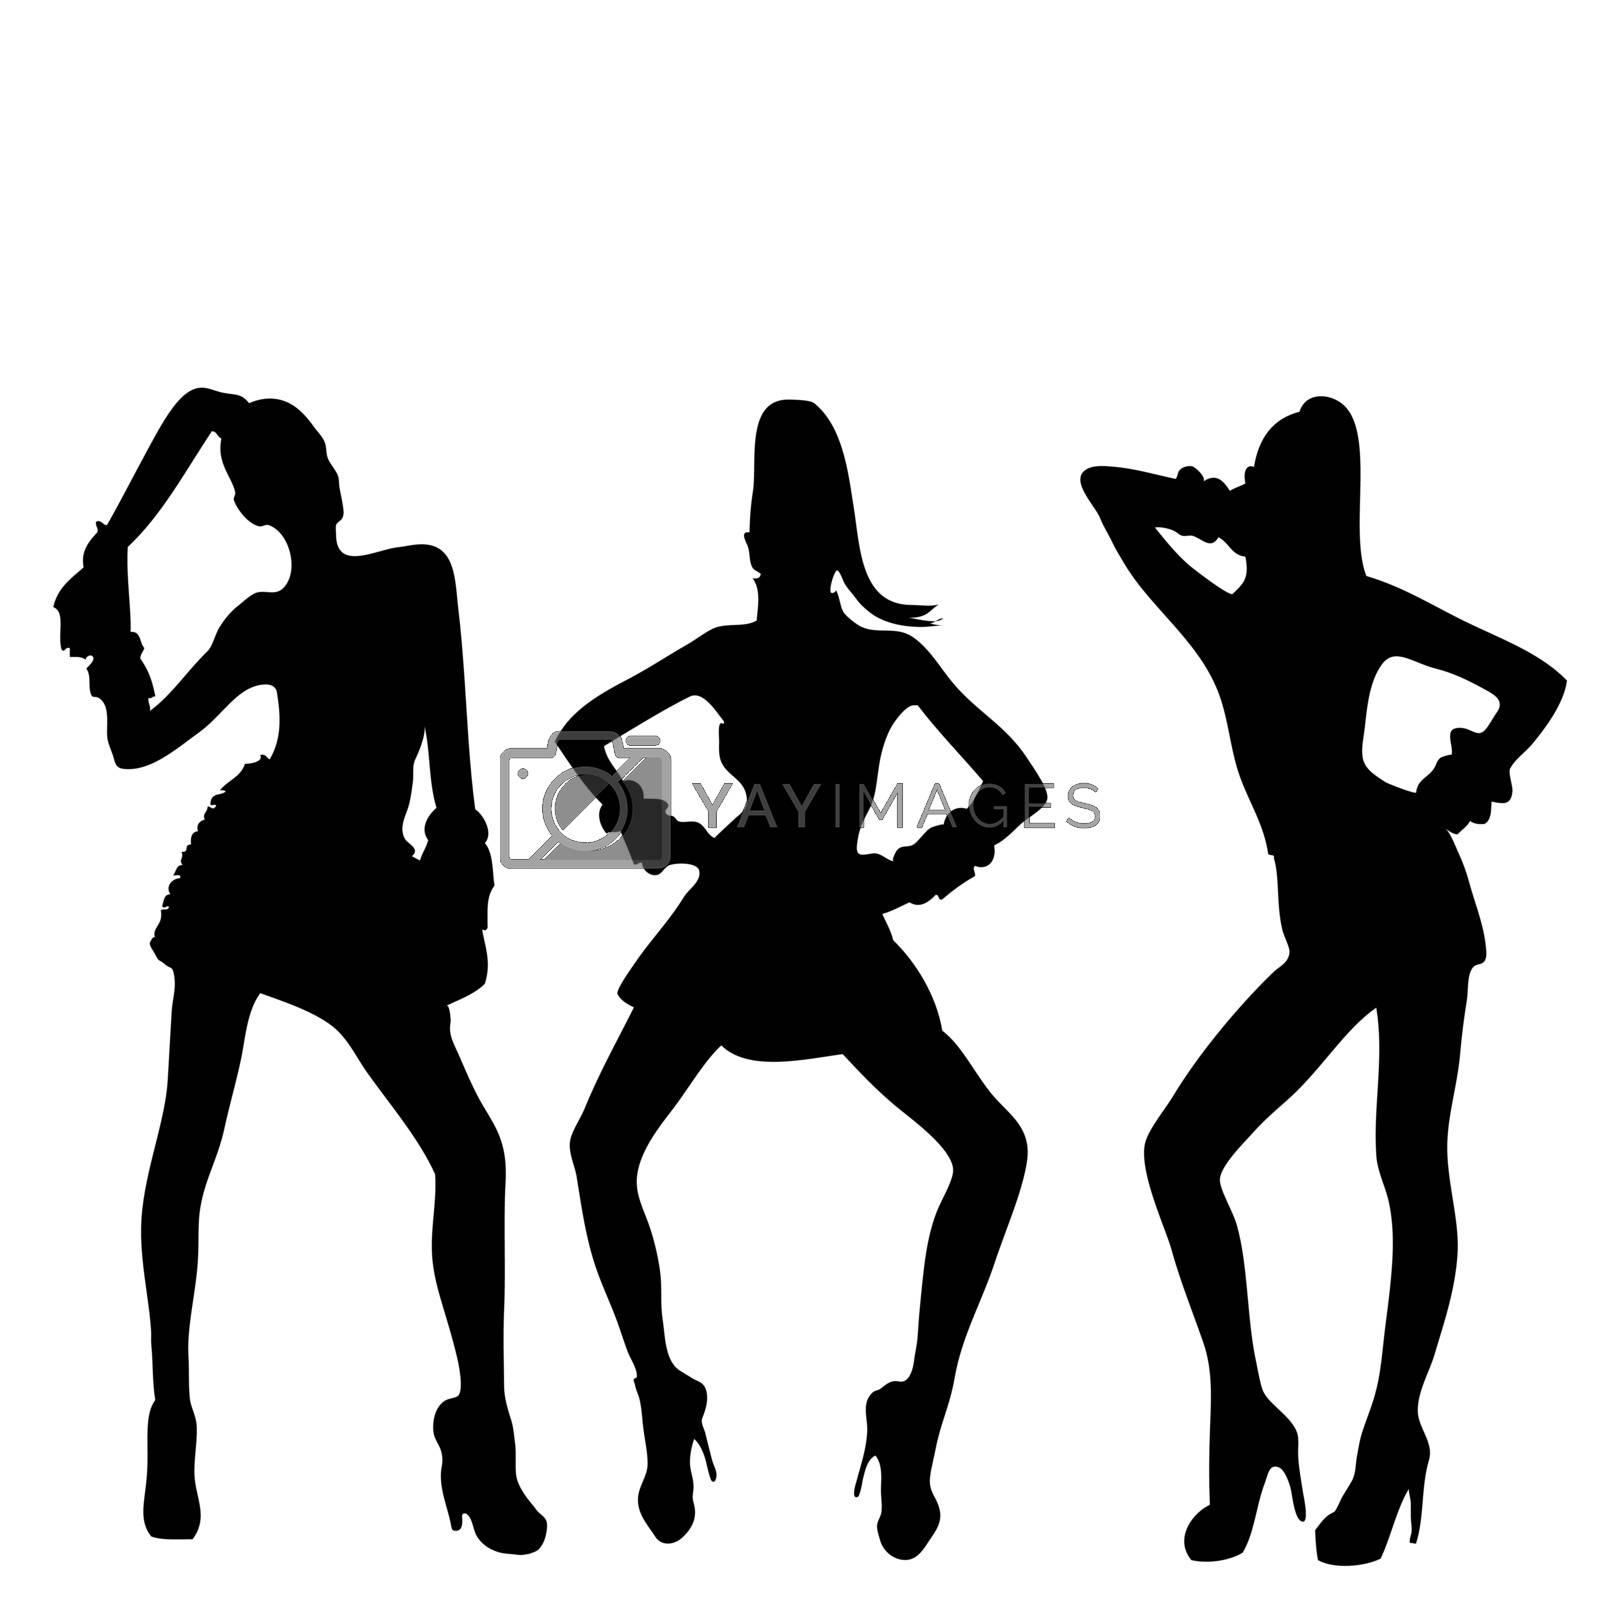 3 women silhouettes with fashion attitudes